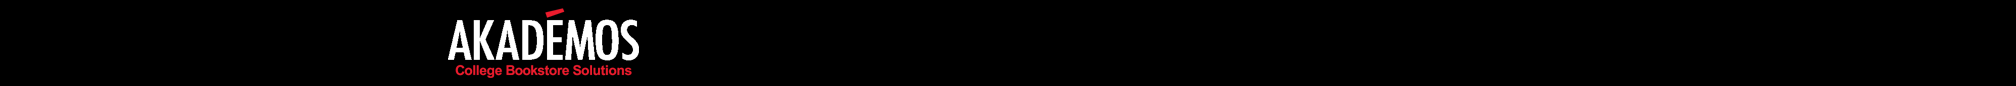 Akademos